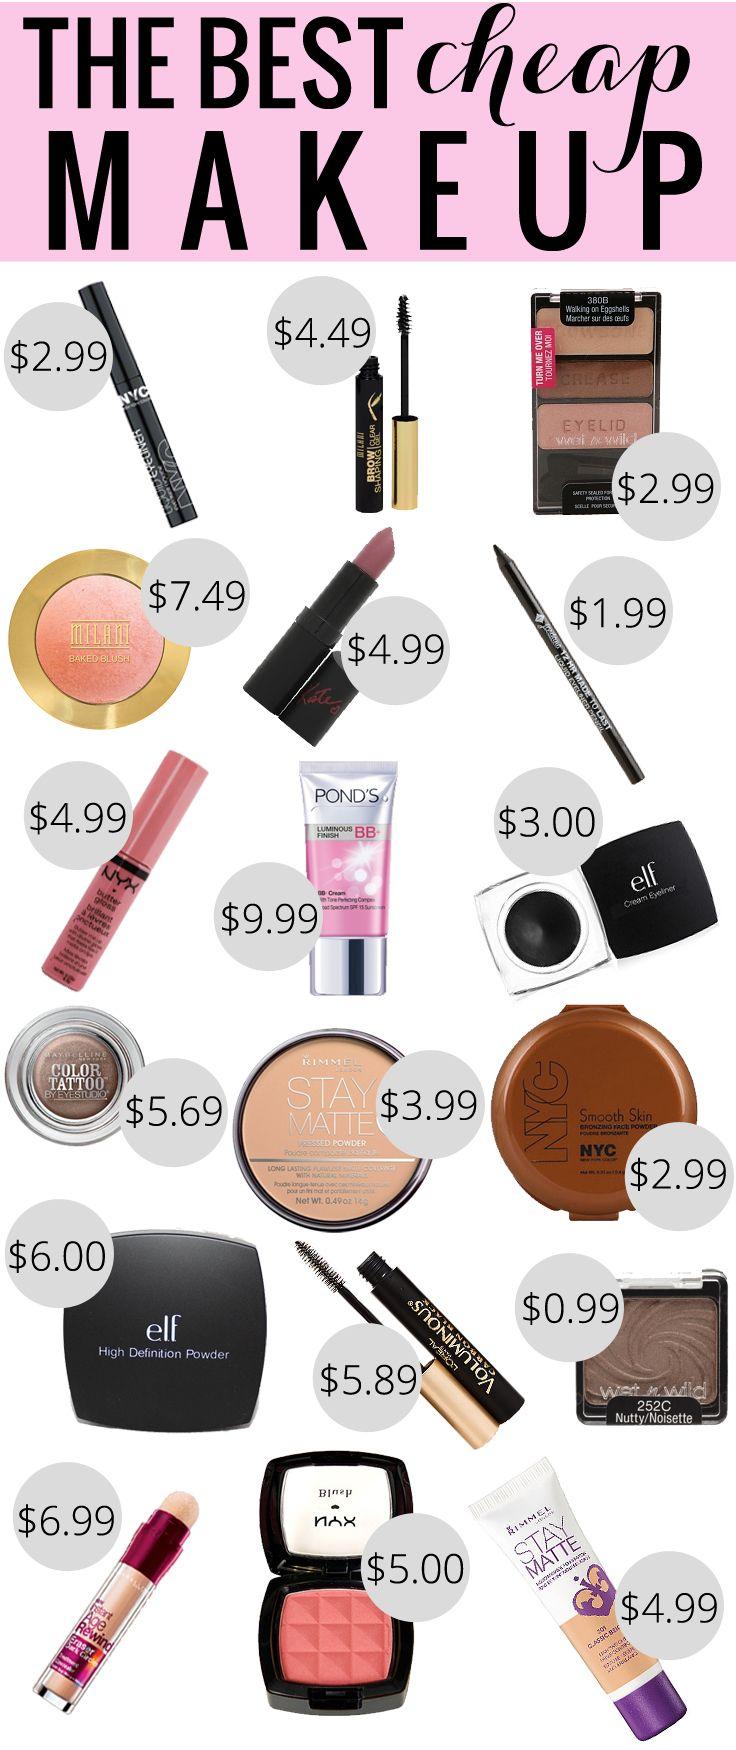 The Best Cheap Makeup Skin Best cheap makeup, Best